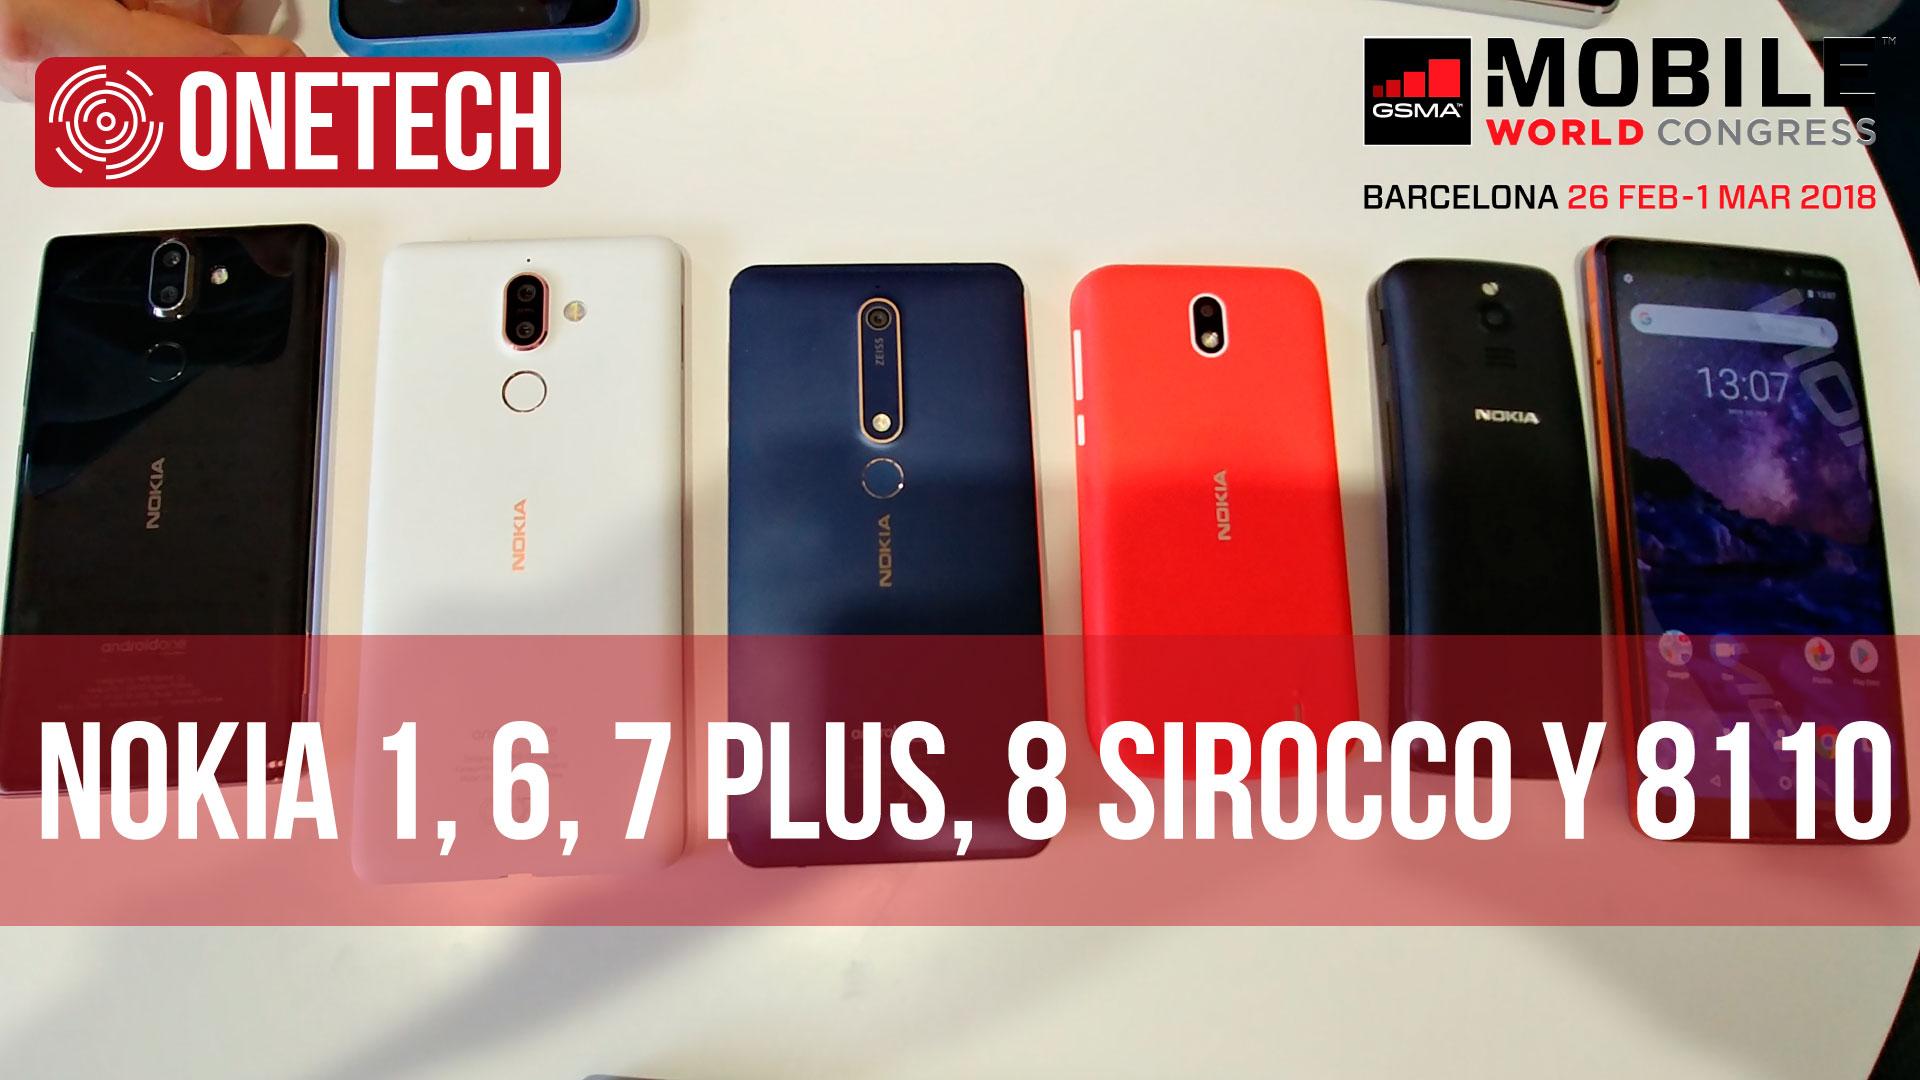 Probamos los nuevos Nokia presentados en el MWC18, estas son nuestras impresiones 1